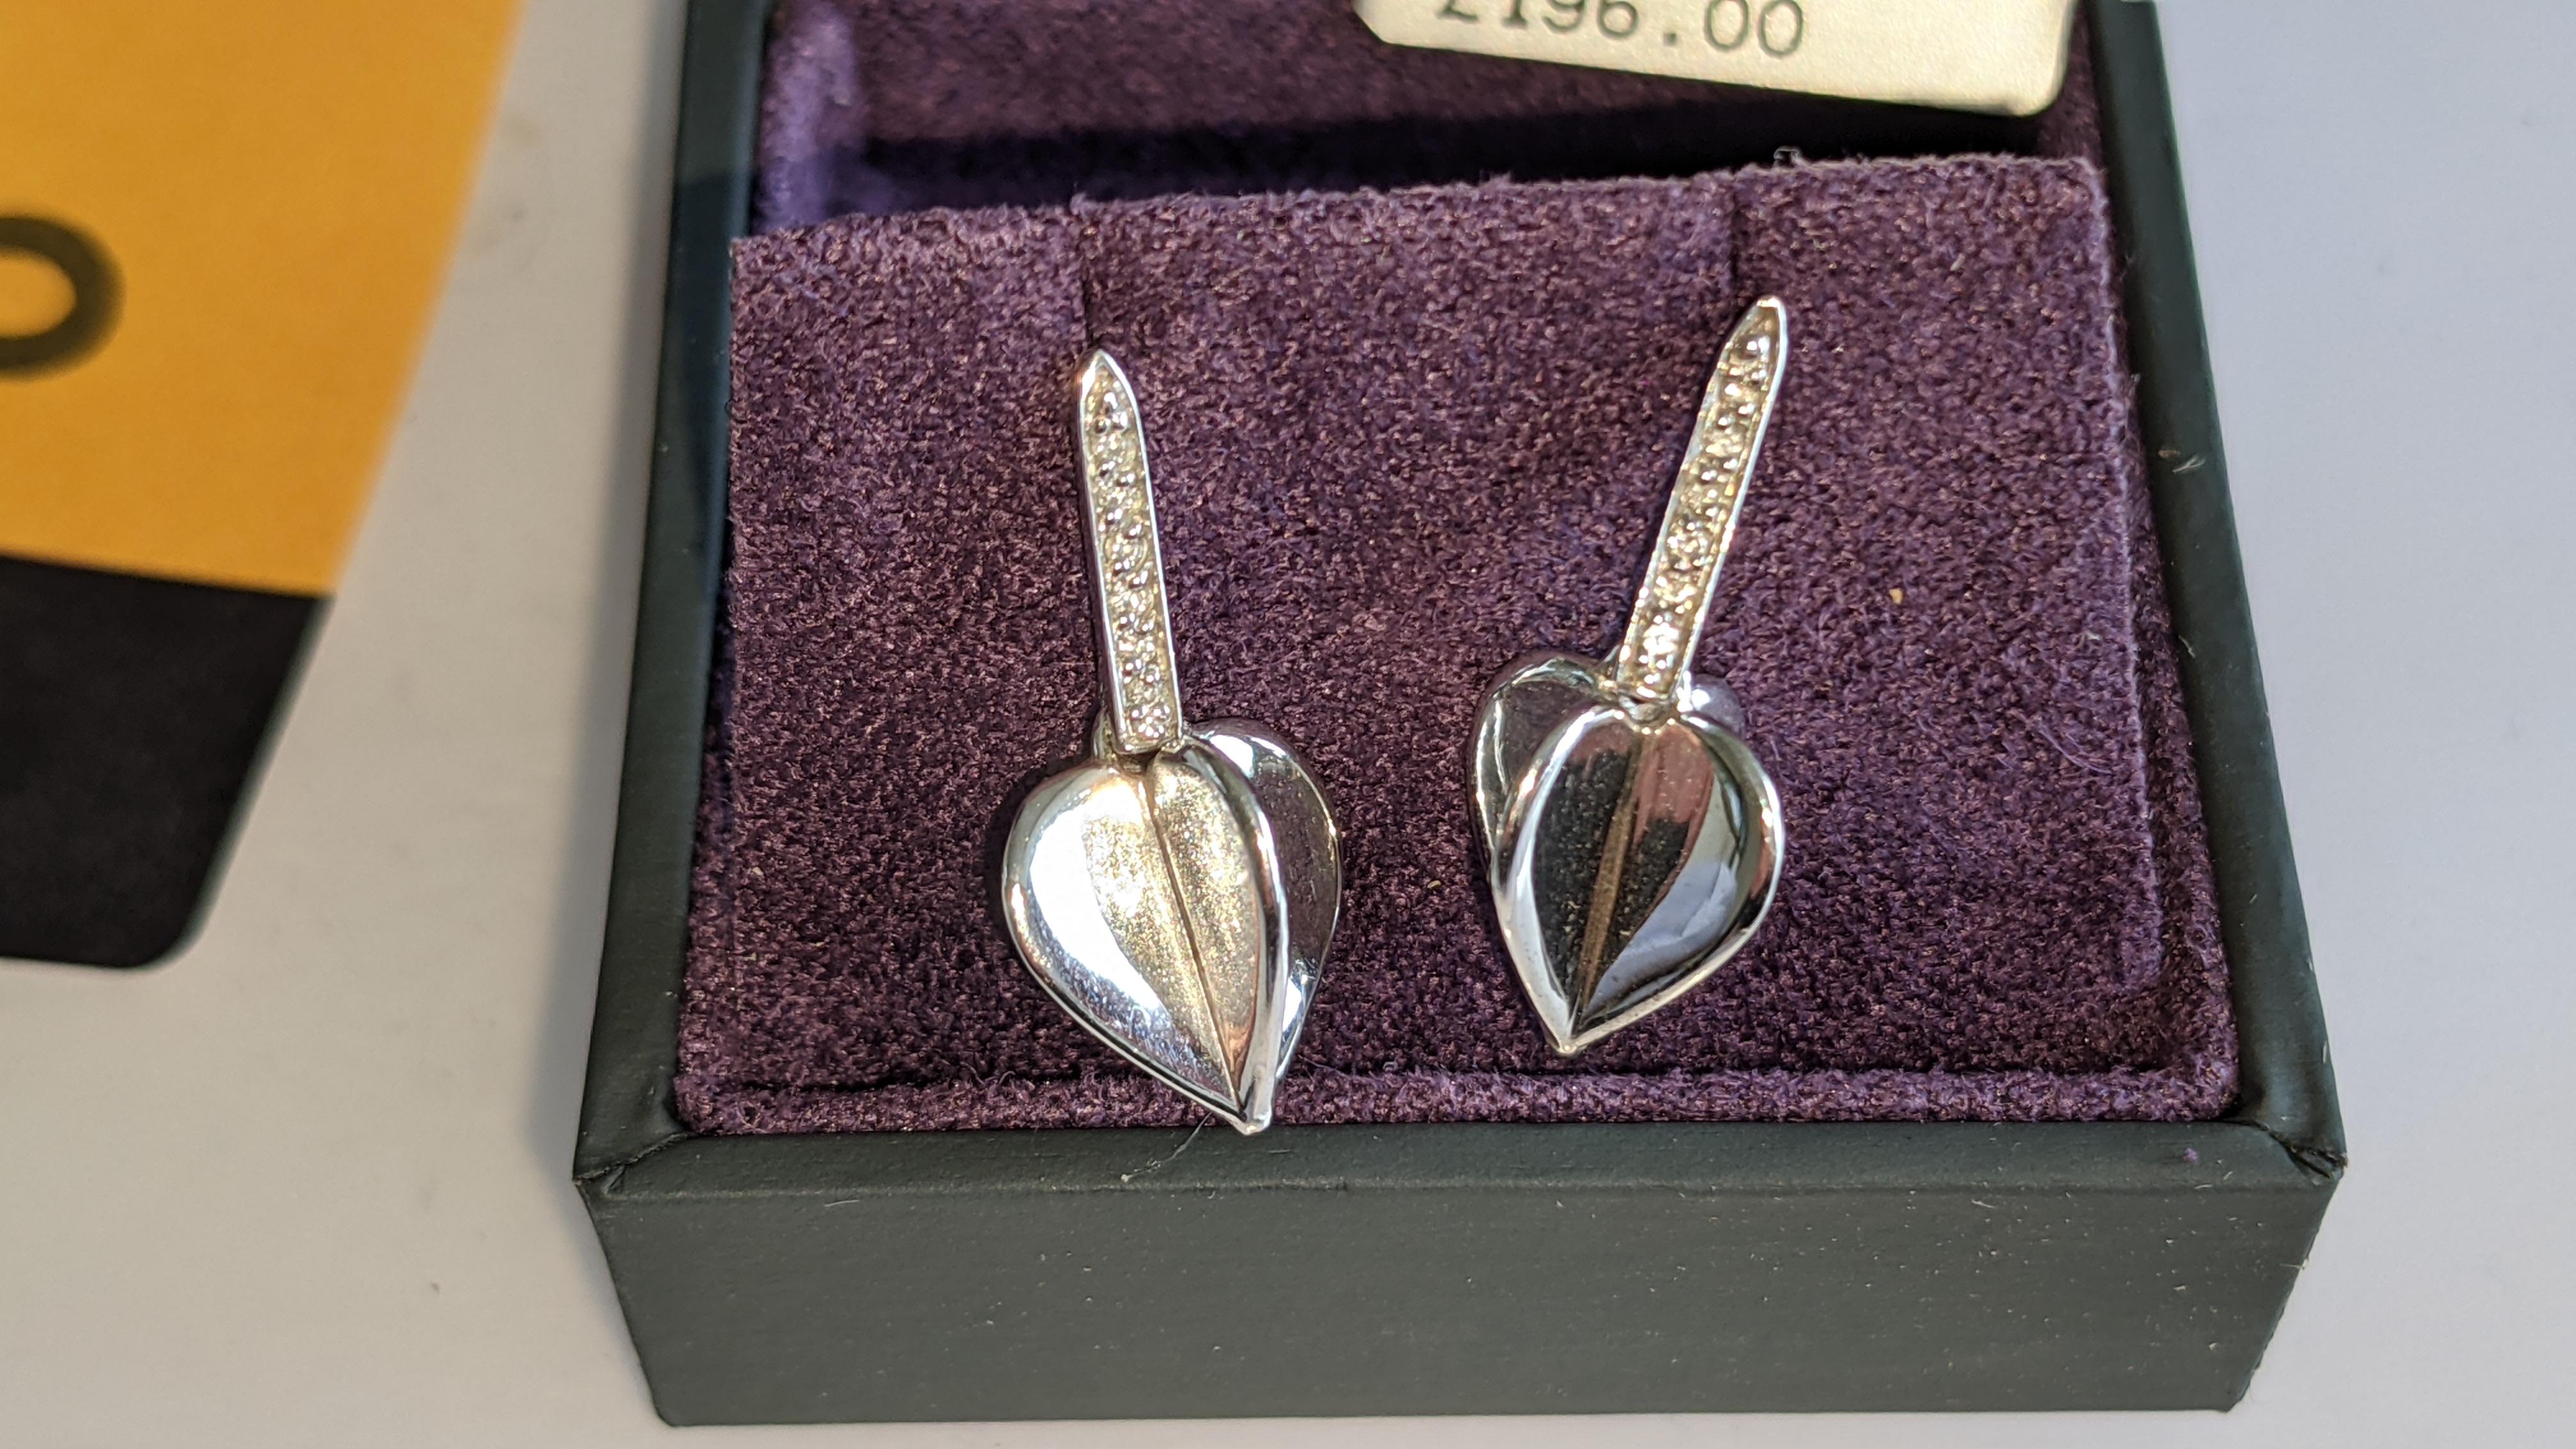 Pair of earrings, retail price £196 - Image 4 of 11